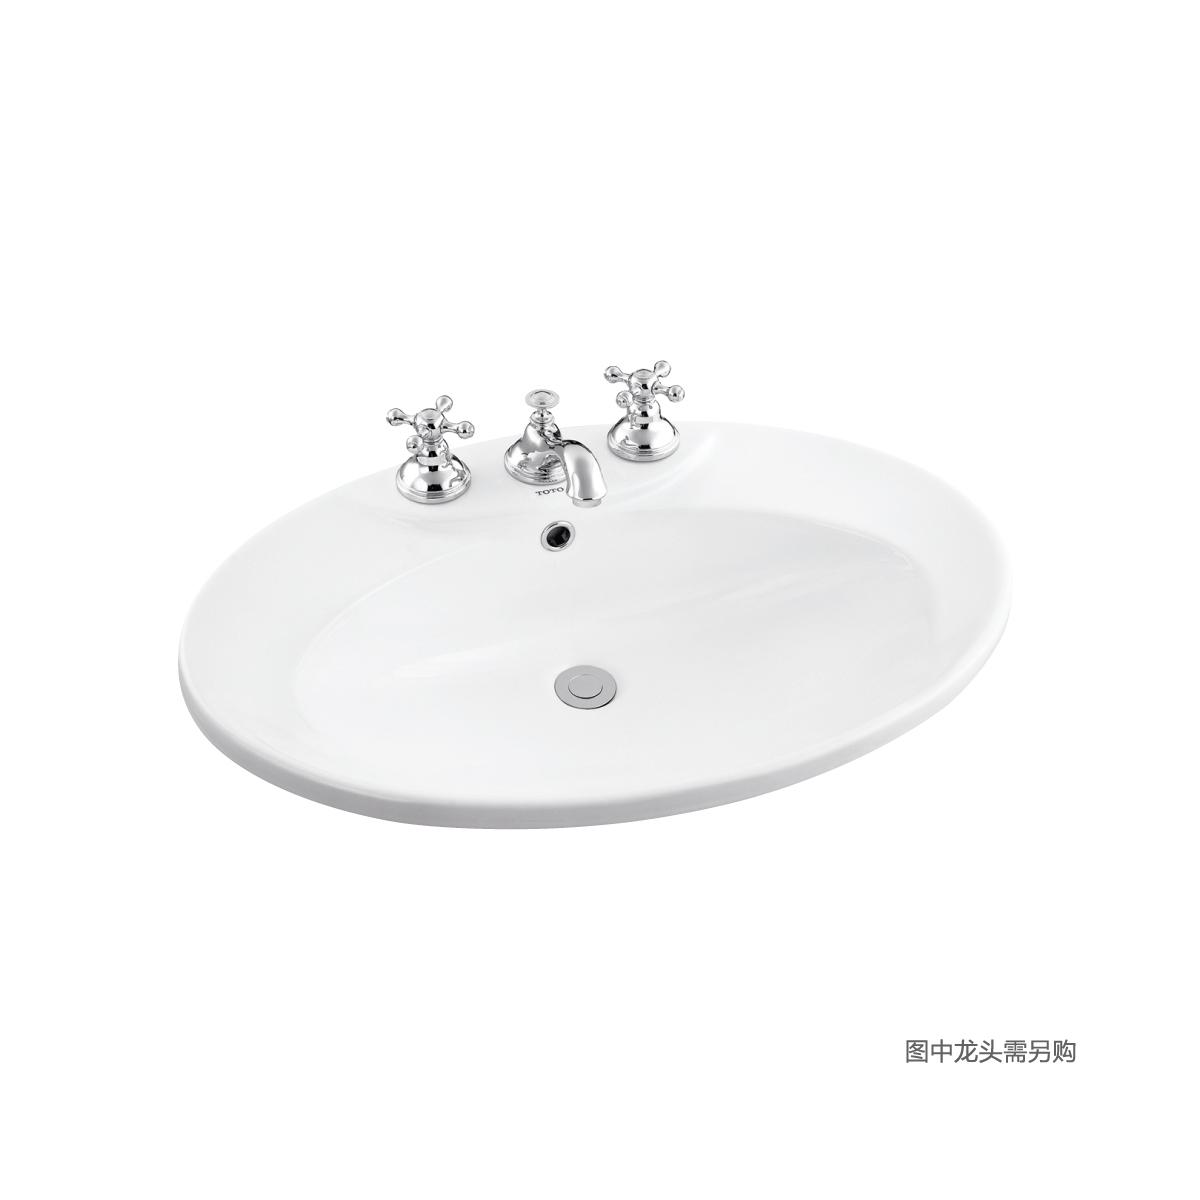 台上式洗脸盆 LW910B